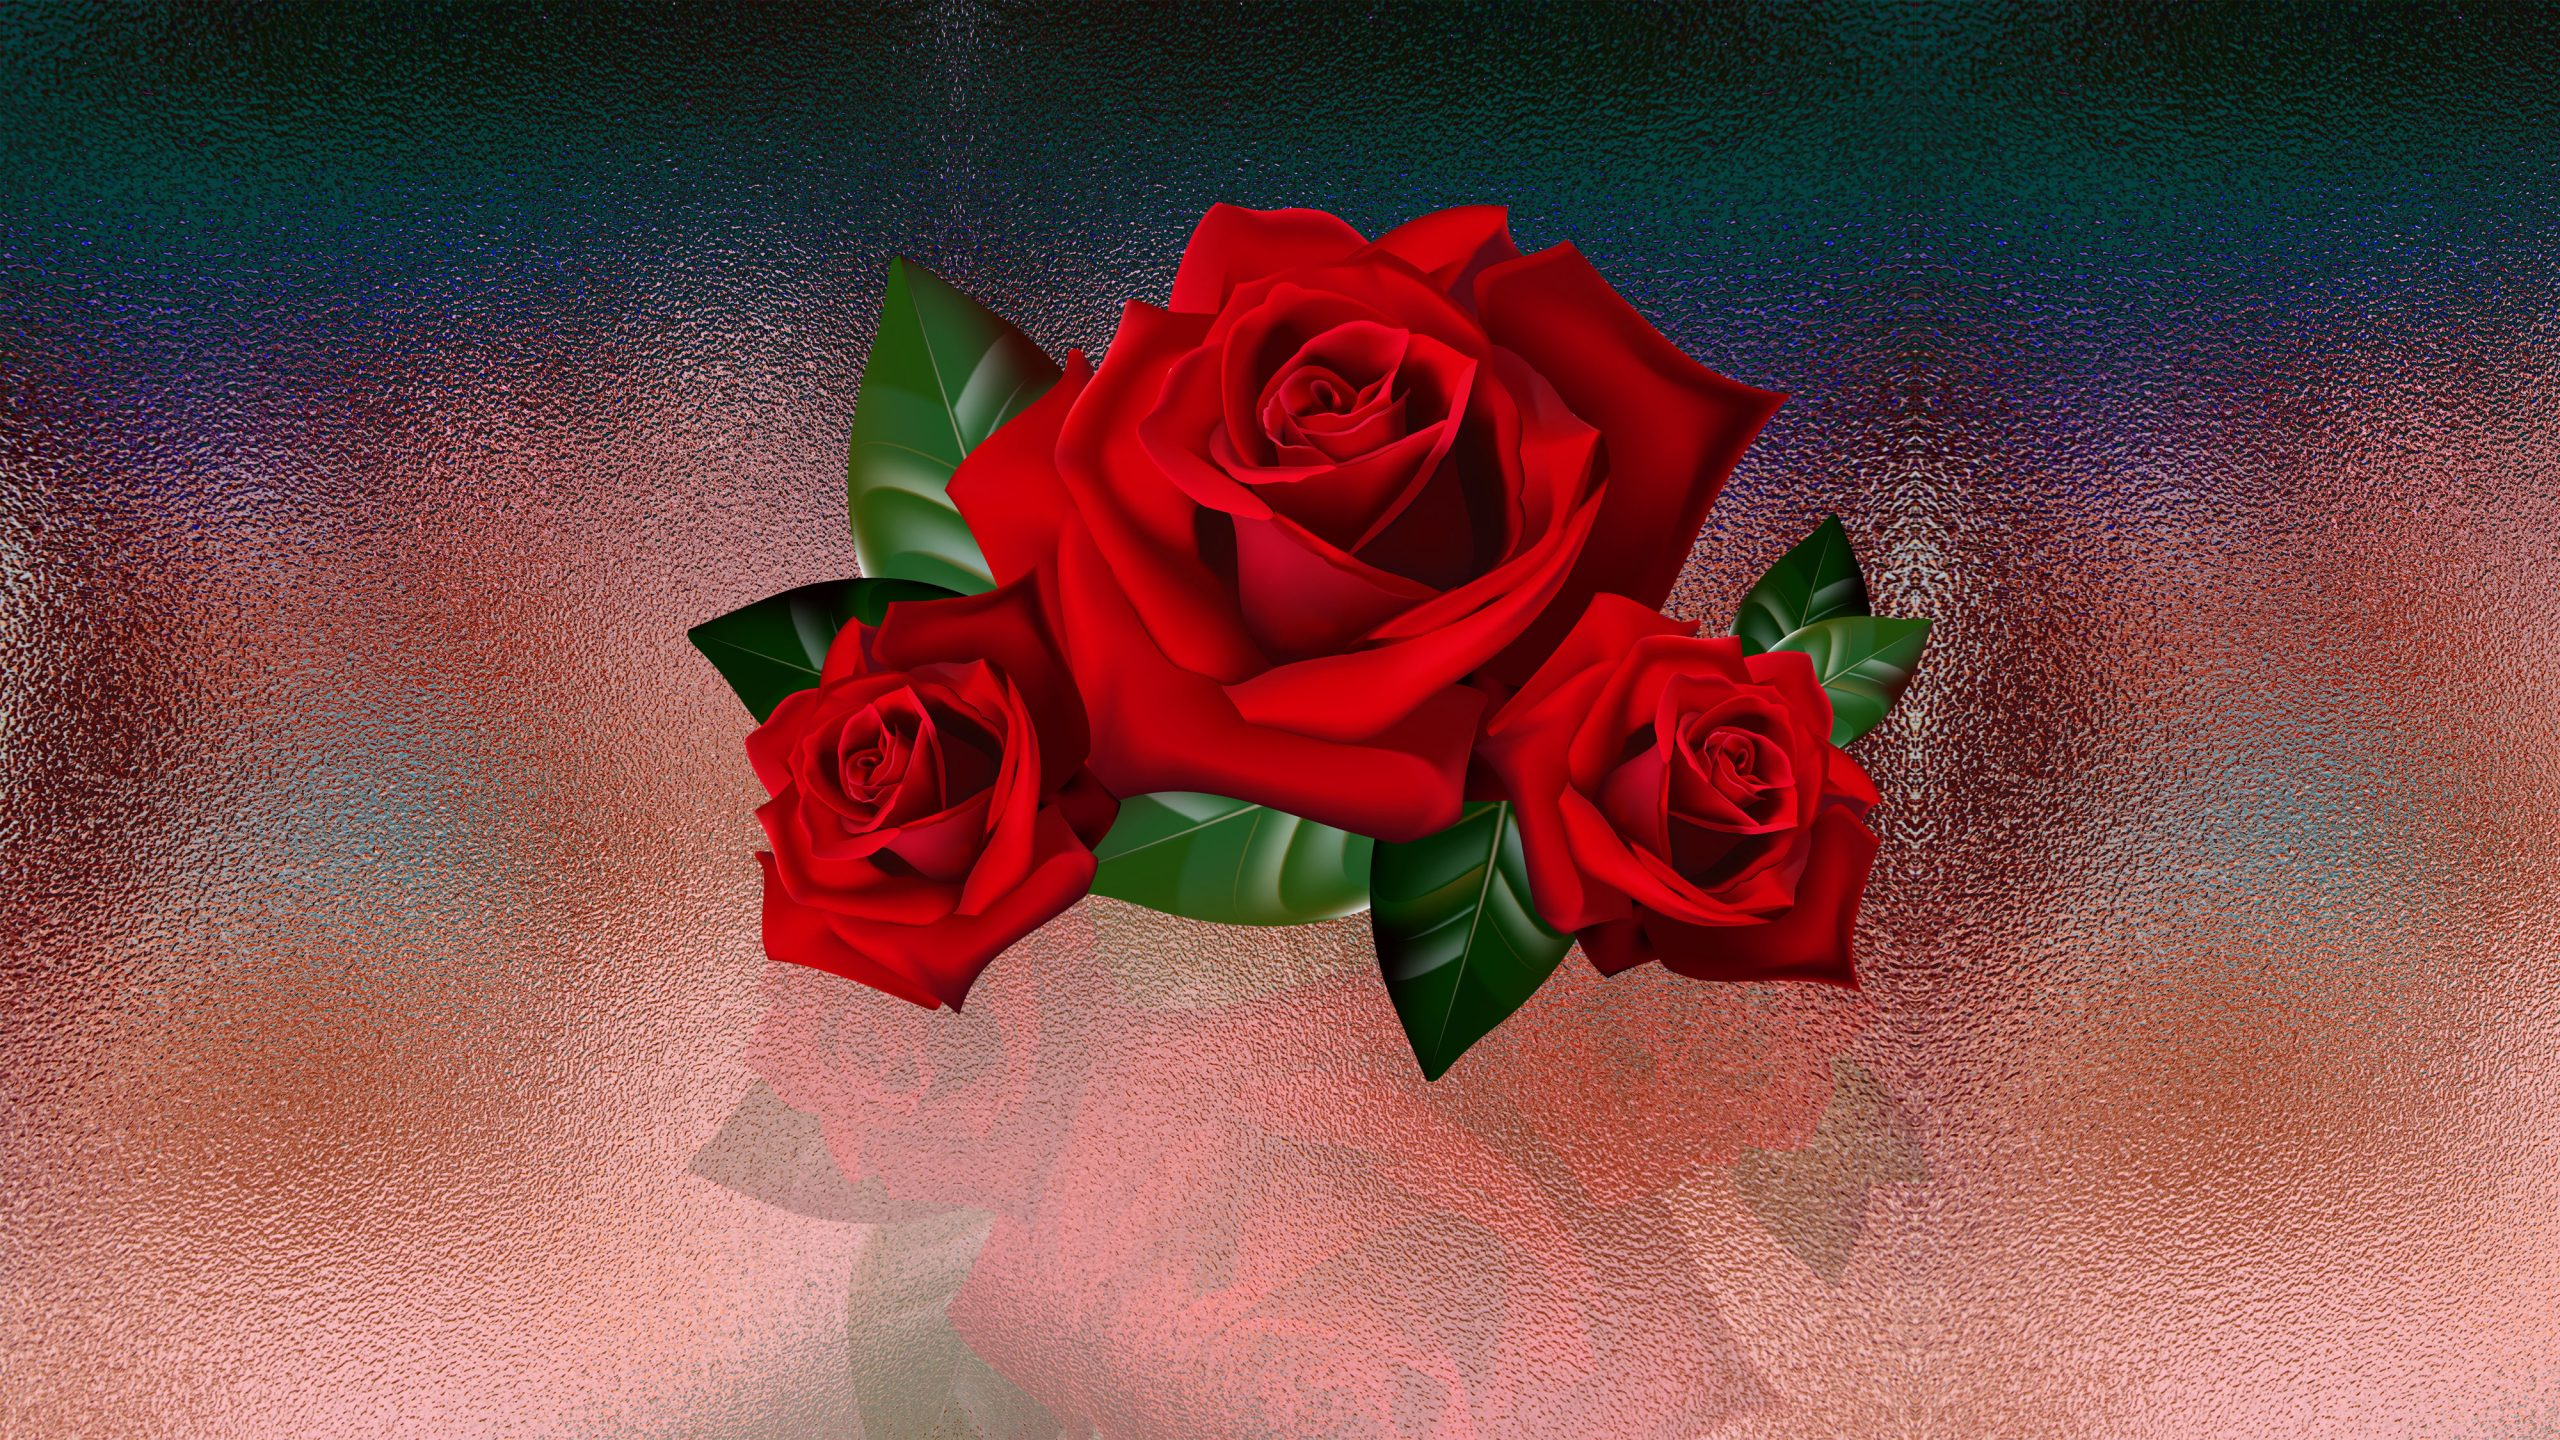 rose-wallpaper